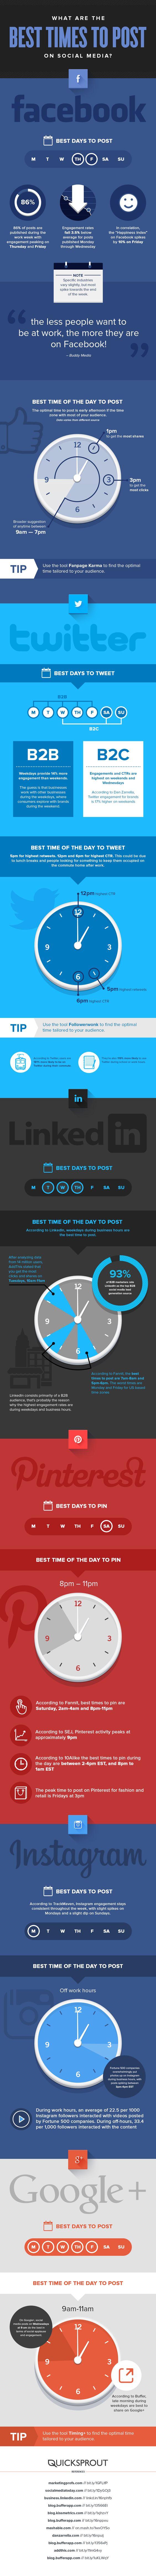 infographie moments pour publier